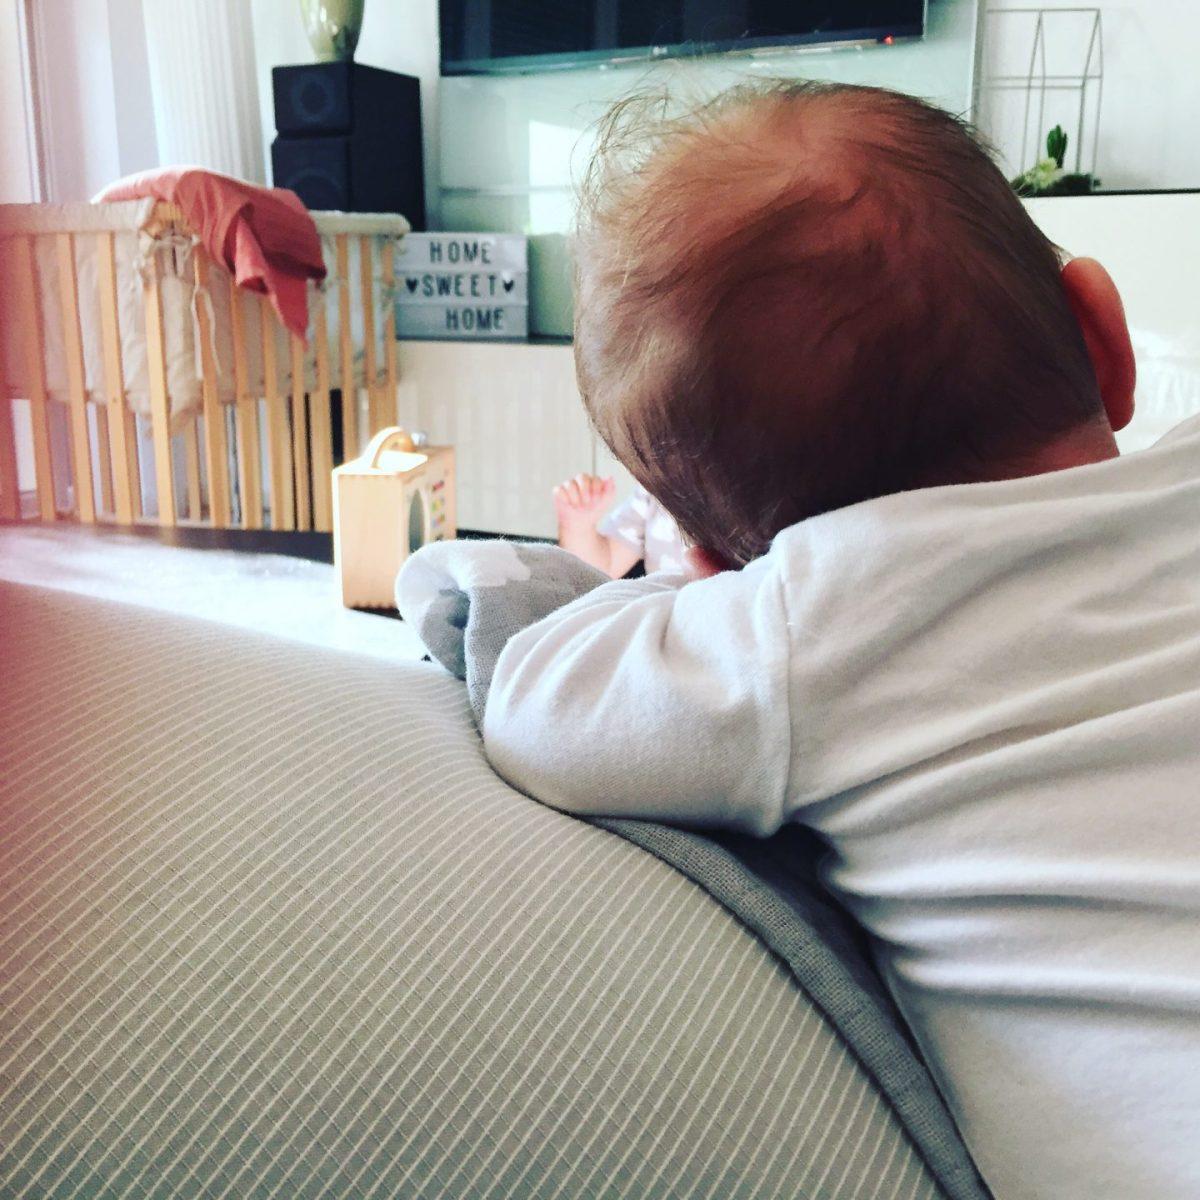 12 Wochen Baby: Großes Baby oder zu kleine Klamotten?